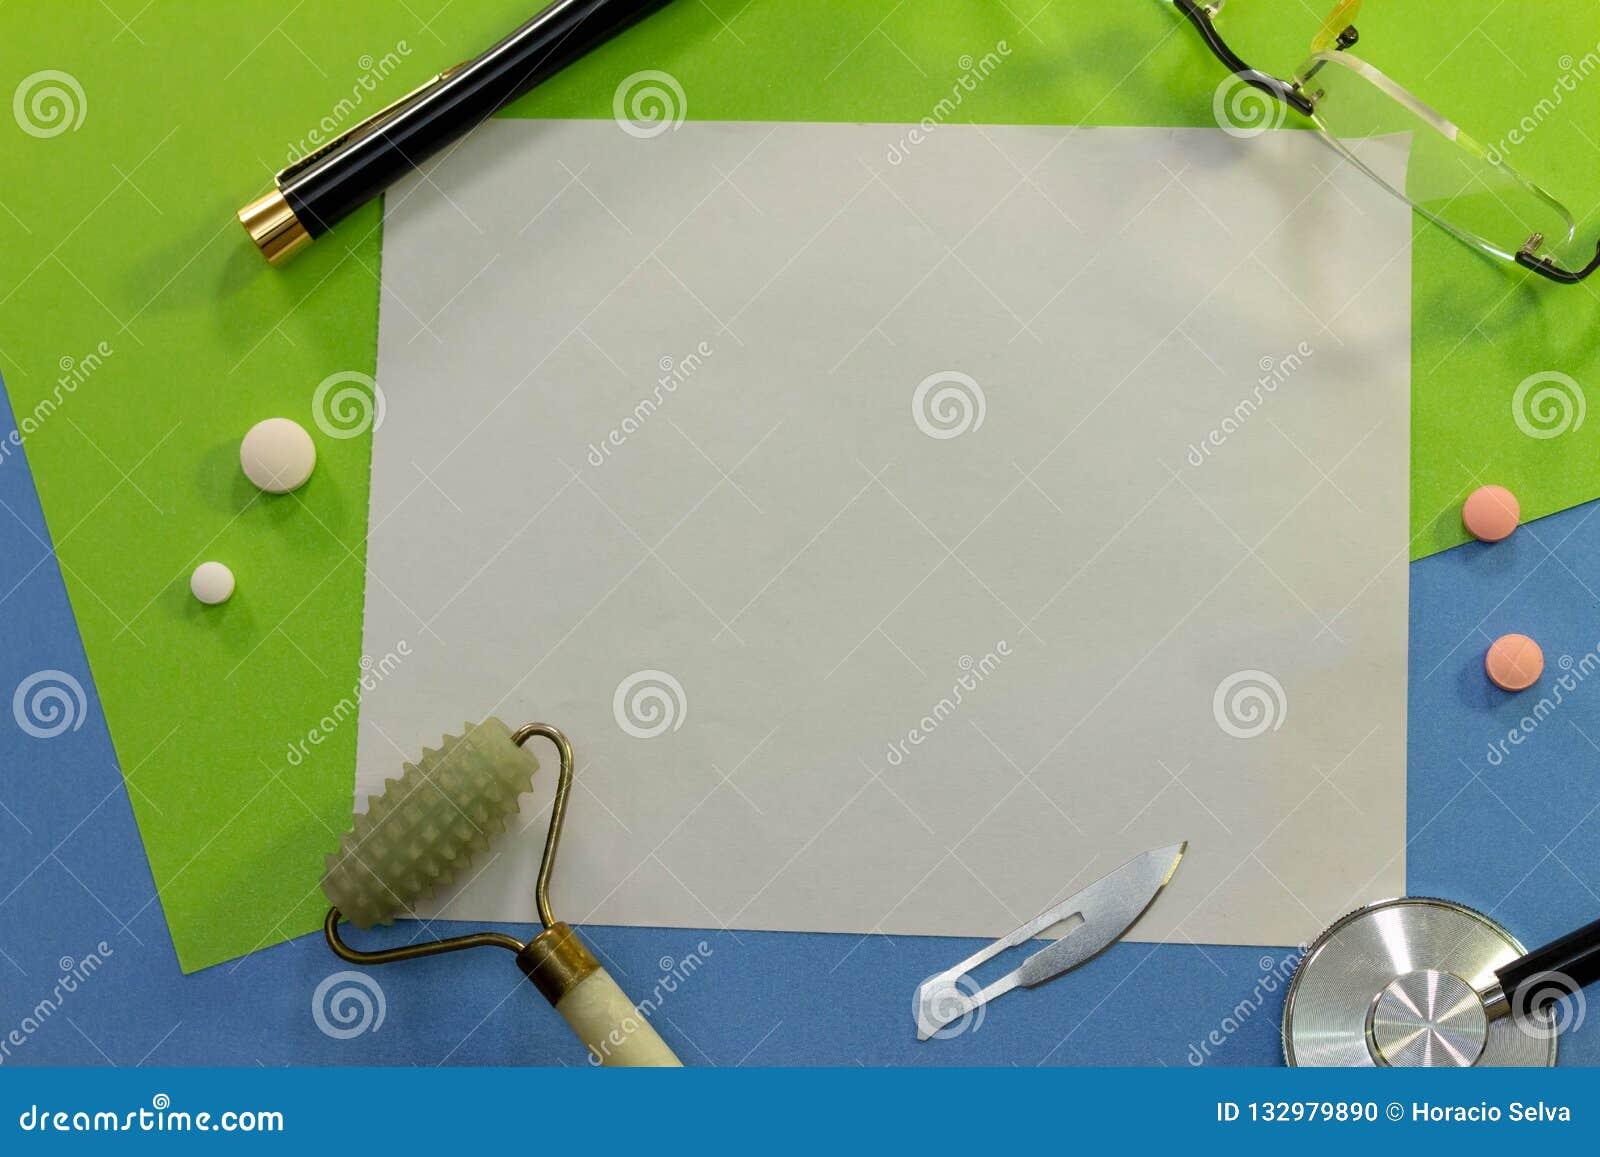 Hoogste mening van een bureau met diverse elementen van geneeskunde